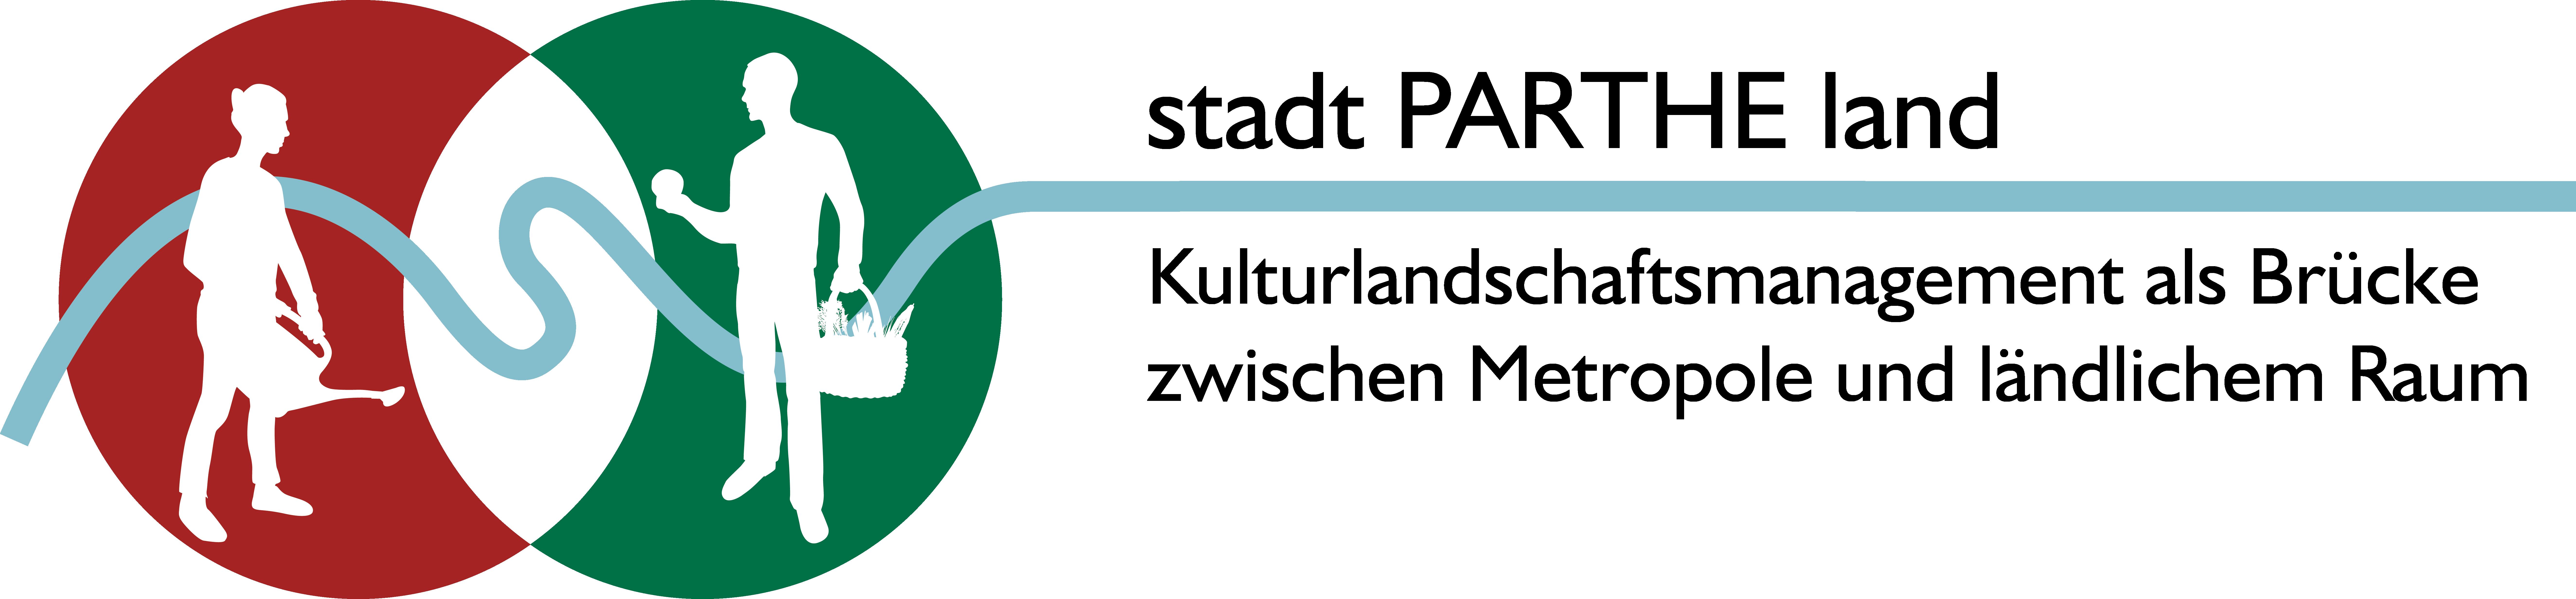 stadt PARTHE land - Logo